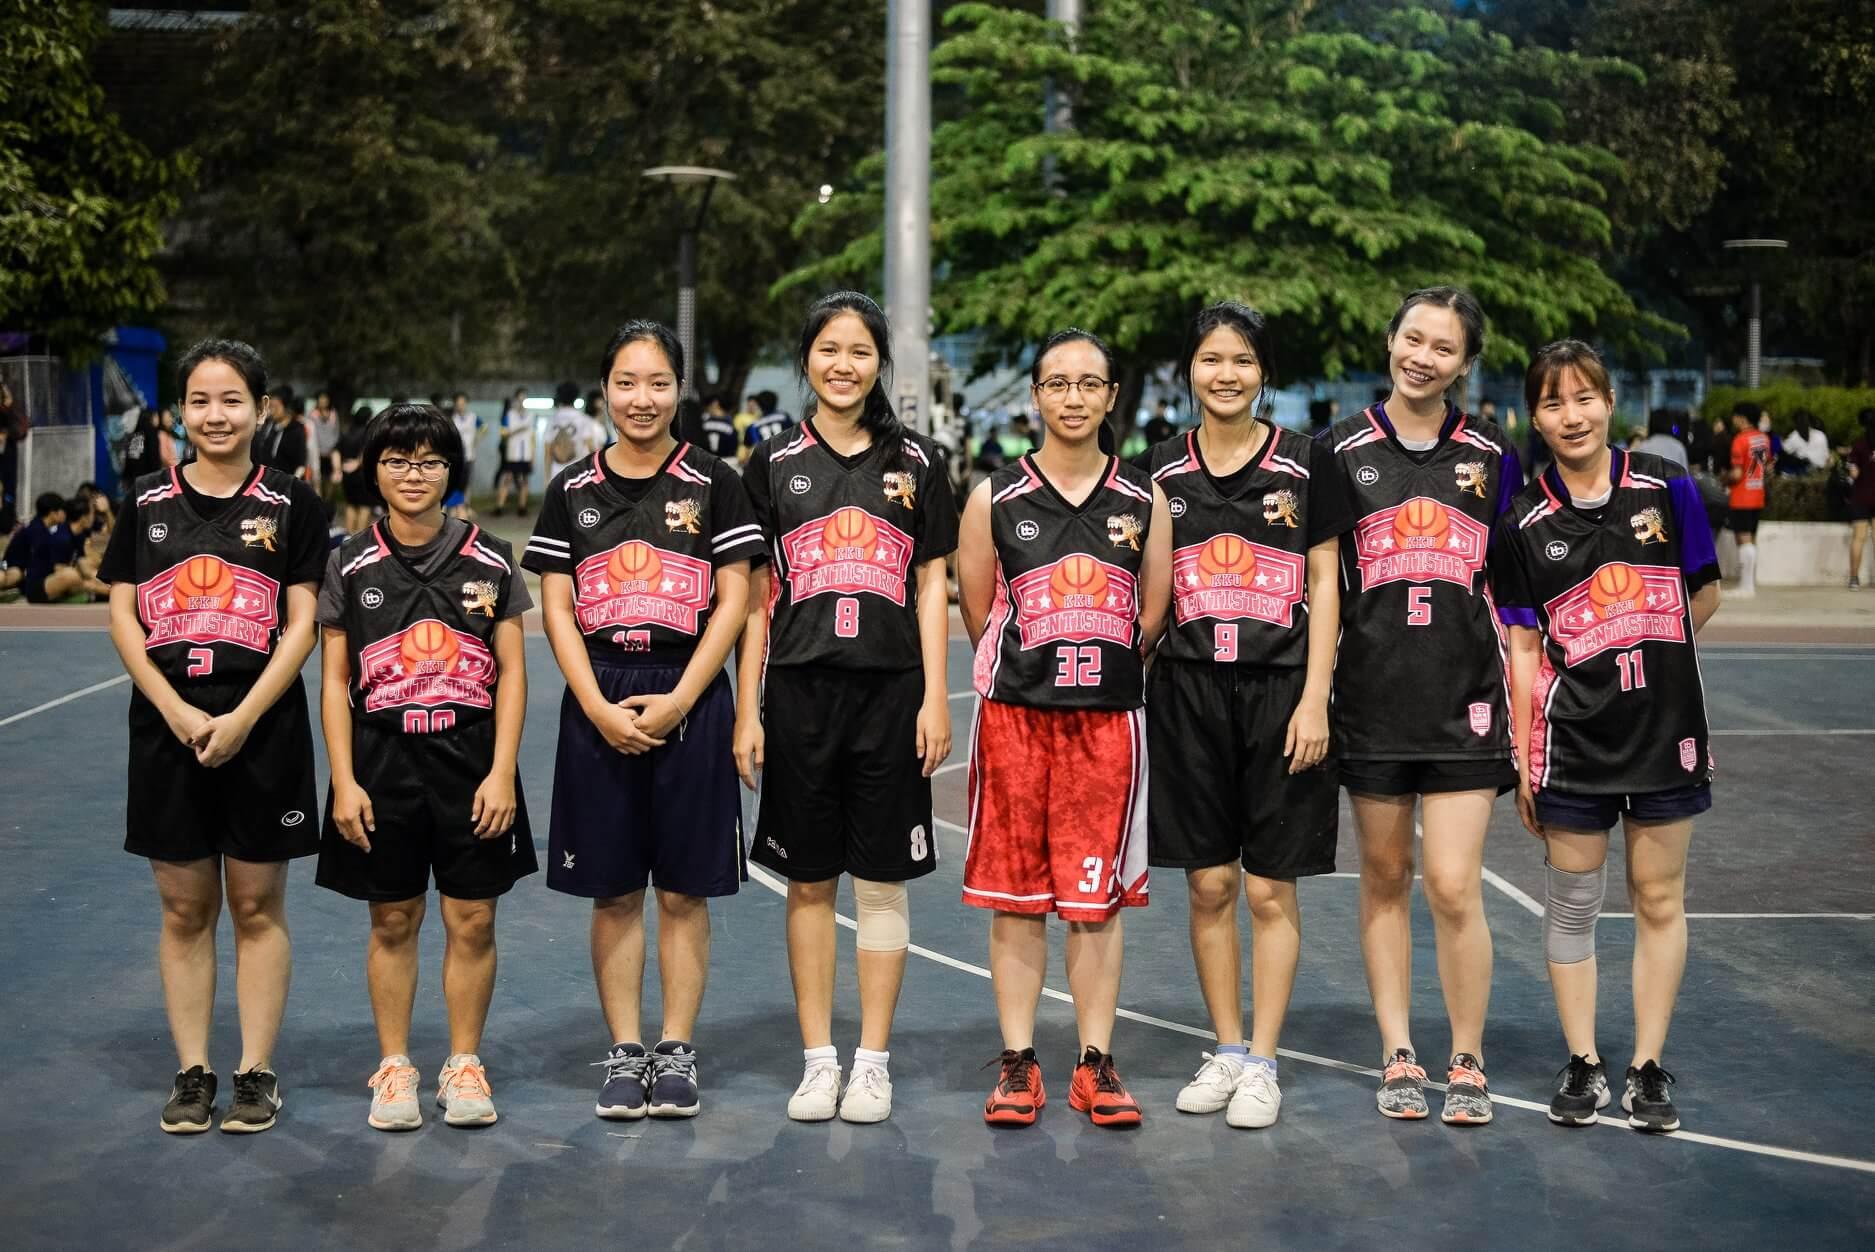 ตัดชุดบาส เสื้อบาสพิมพ์ลาย เสื้อบาสเกตบอล nba jersey ผลิตเสื้อกีฬา Review เสื้อบาส DEN KKU หญิง